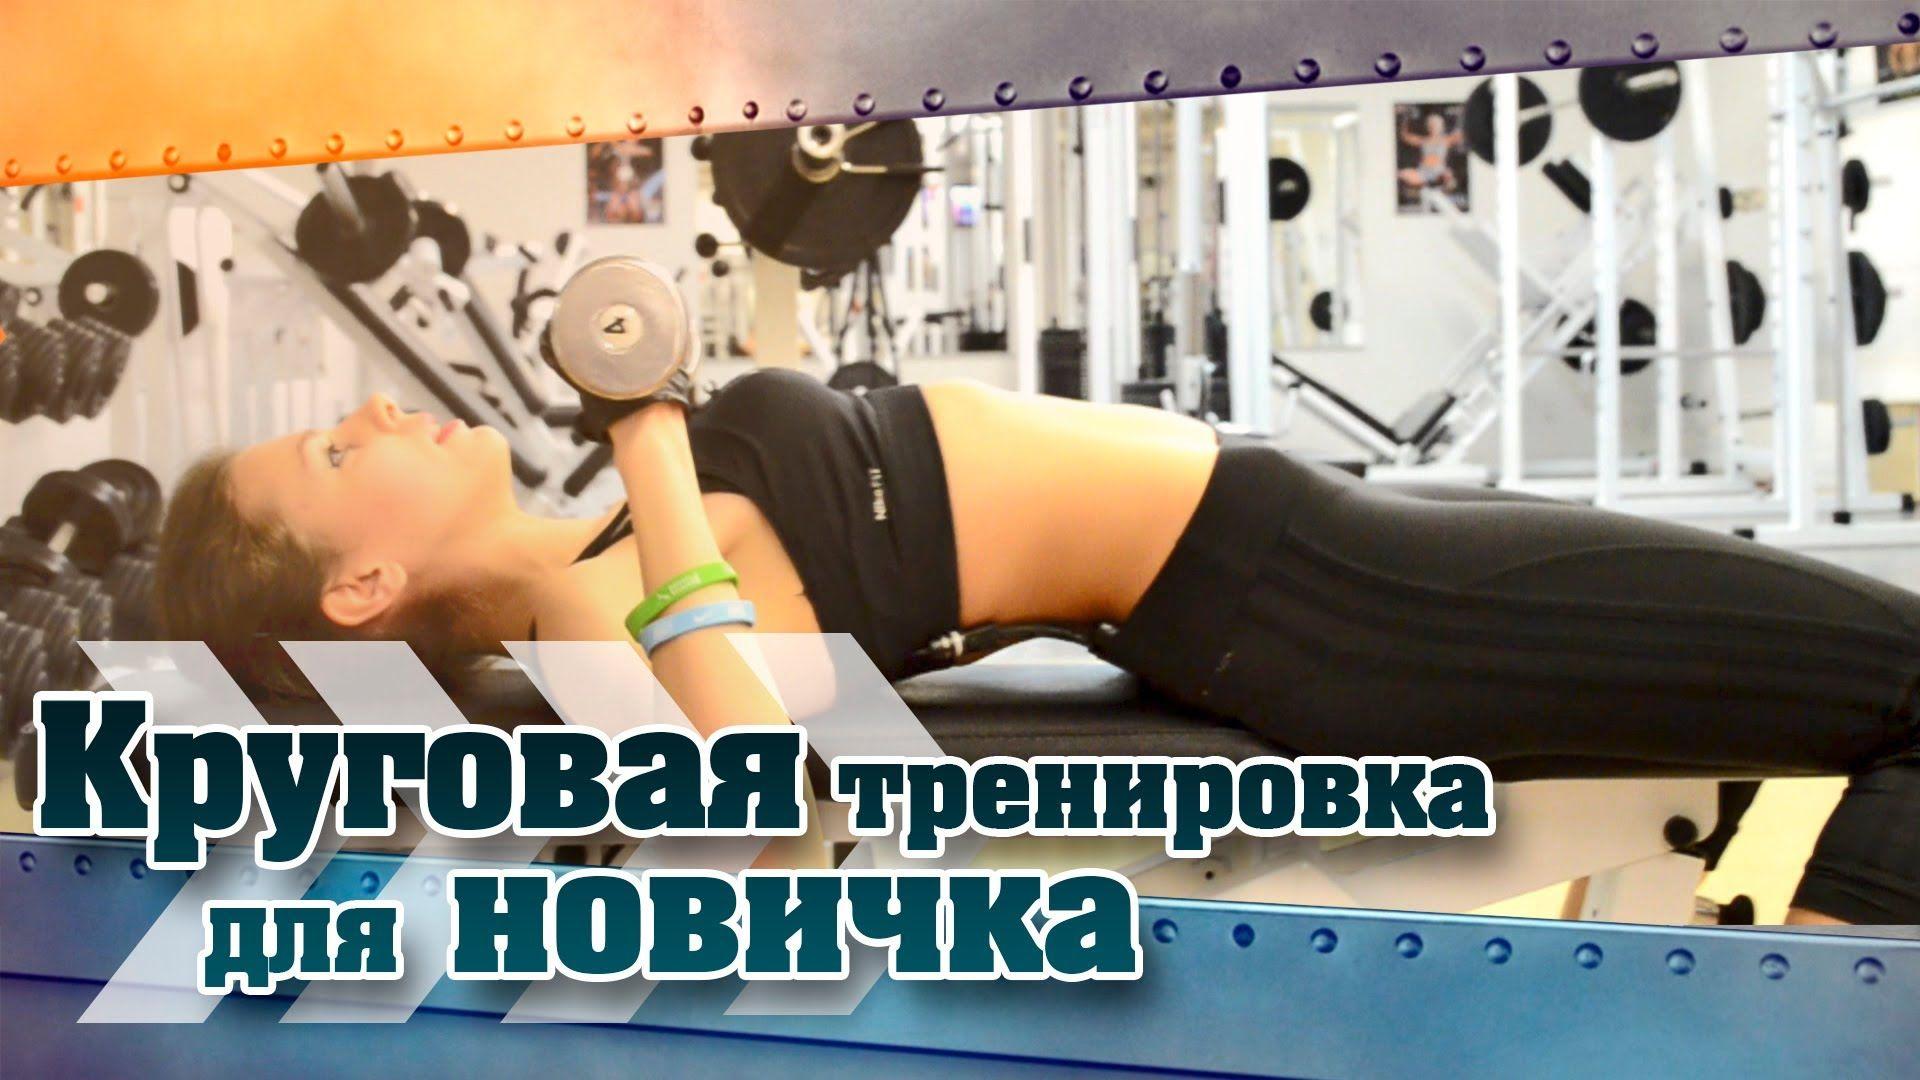 Круговая тренировка для девушек новичков в тренажерном зале